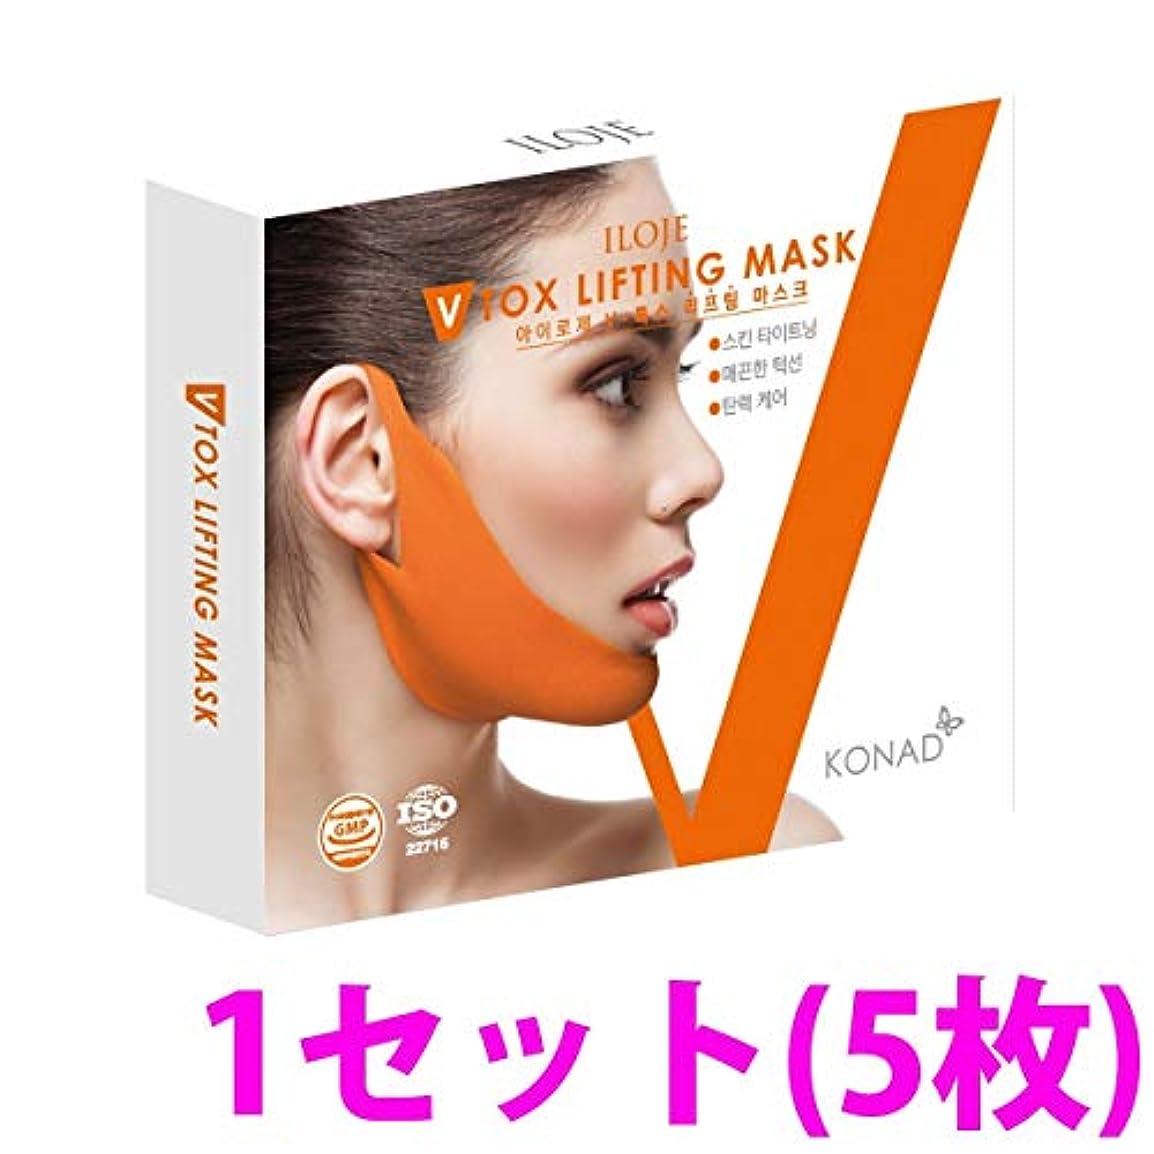 フライカイトバンクシルク女性の年齢は顎の輪郭で決まる!V-TOXリフティングマスクパック 1セット(5枚)